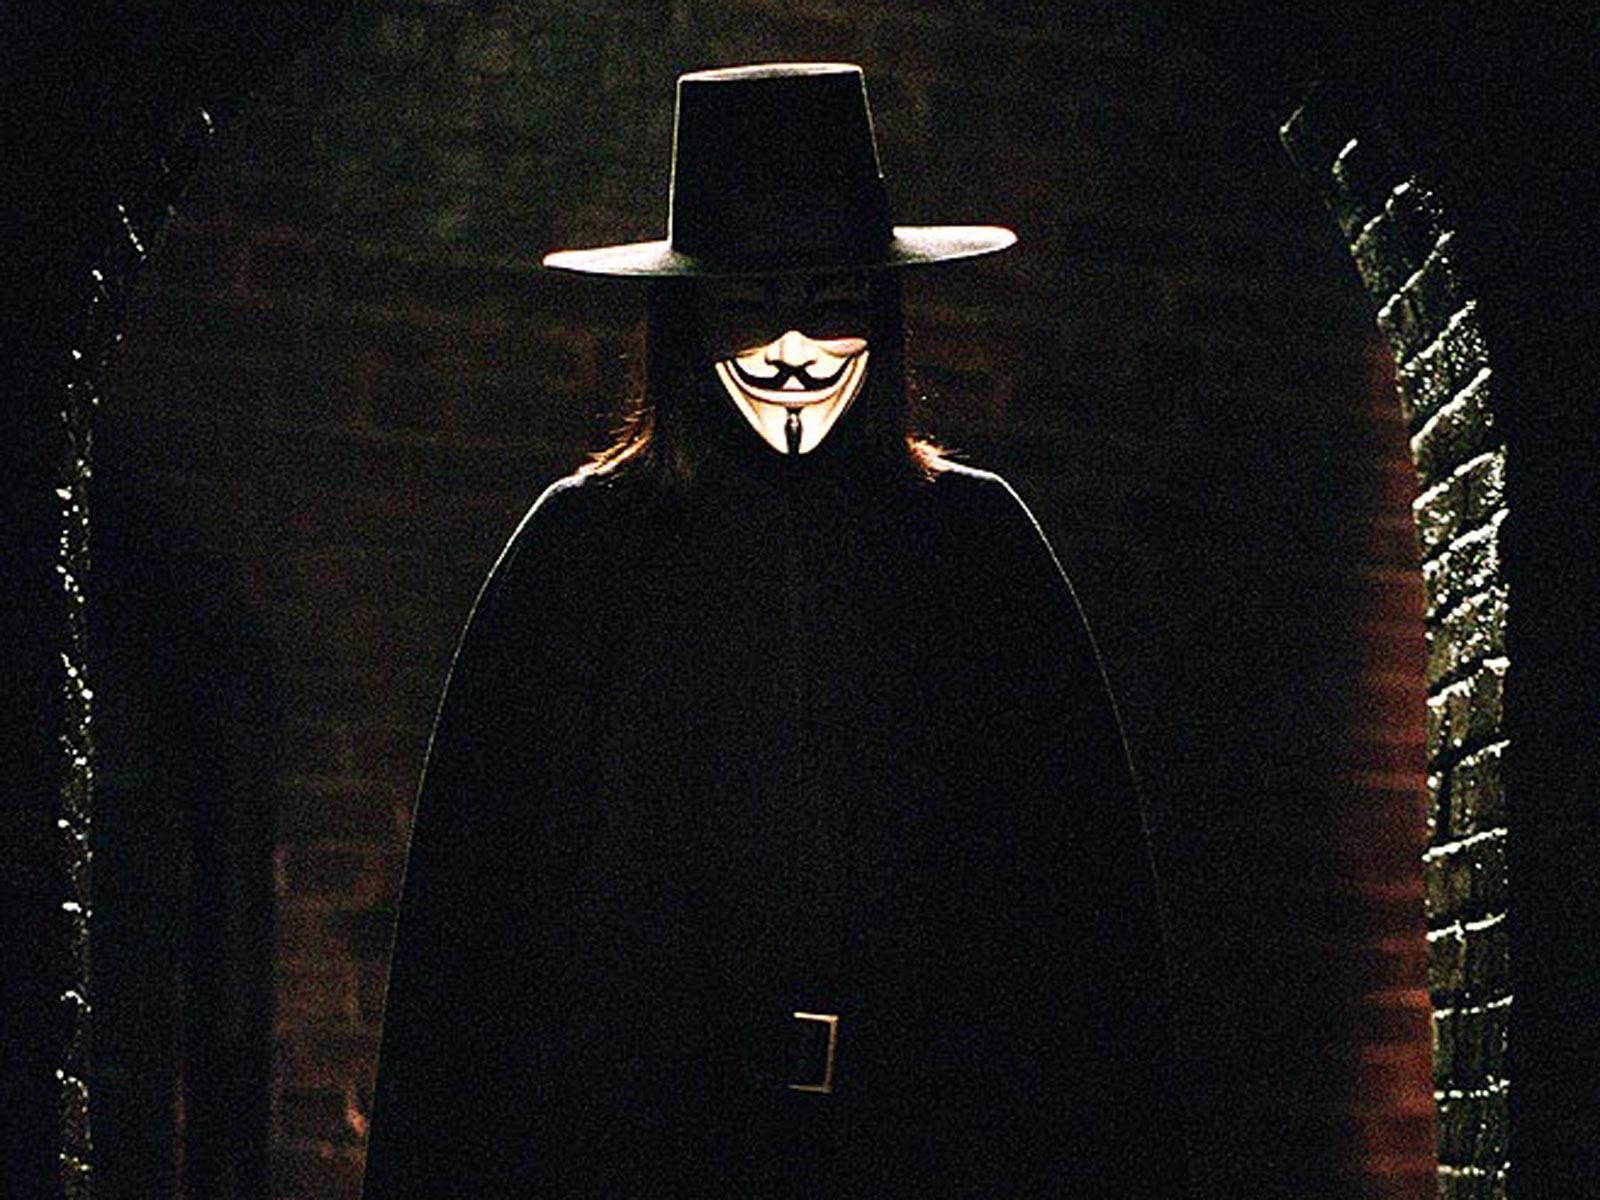 1bpblogspot XAifAq4vkak TscX2DFnkQI Miranda Leblanc V For Vendetta Wallpaper